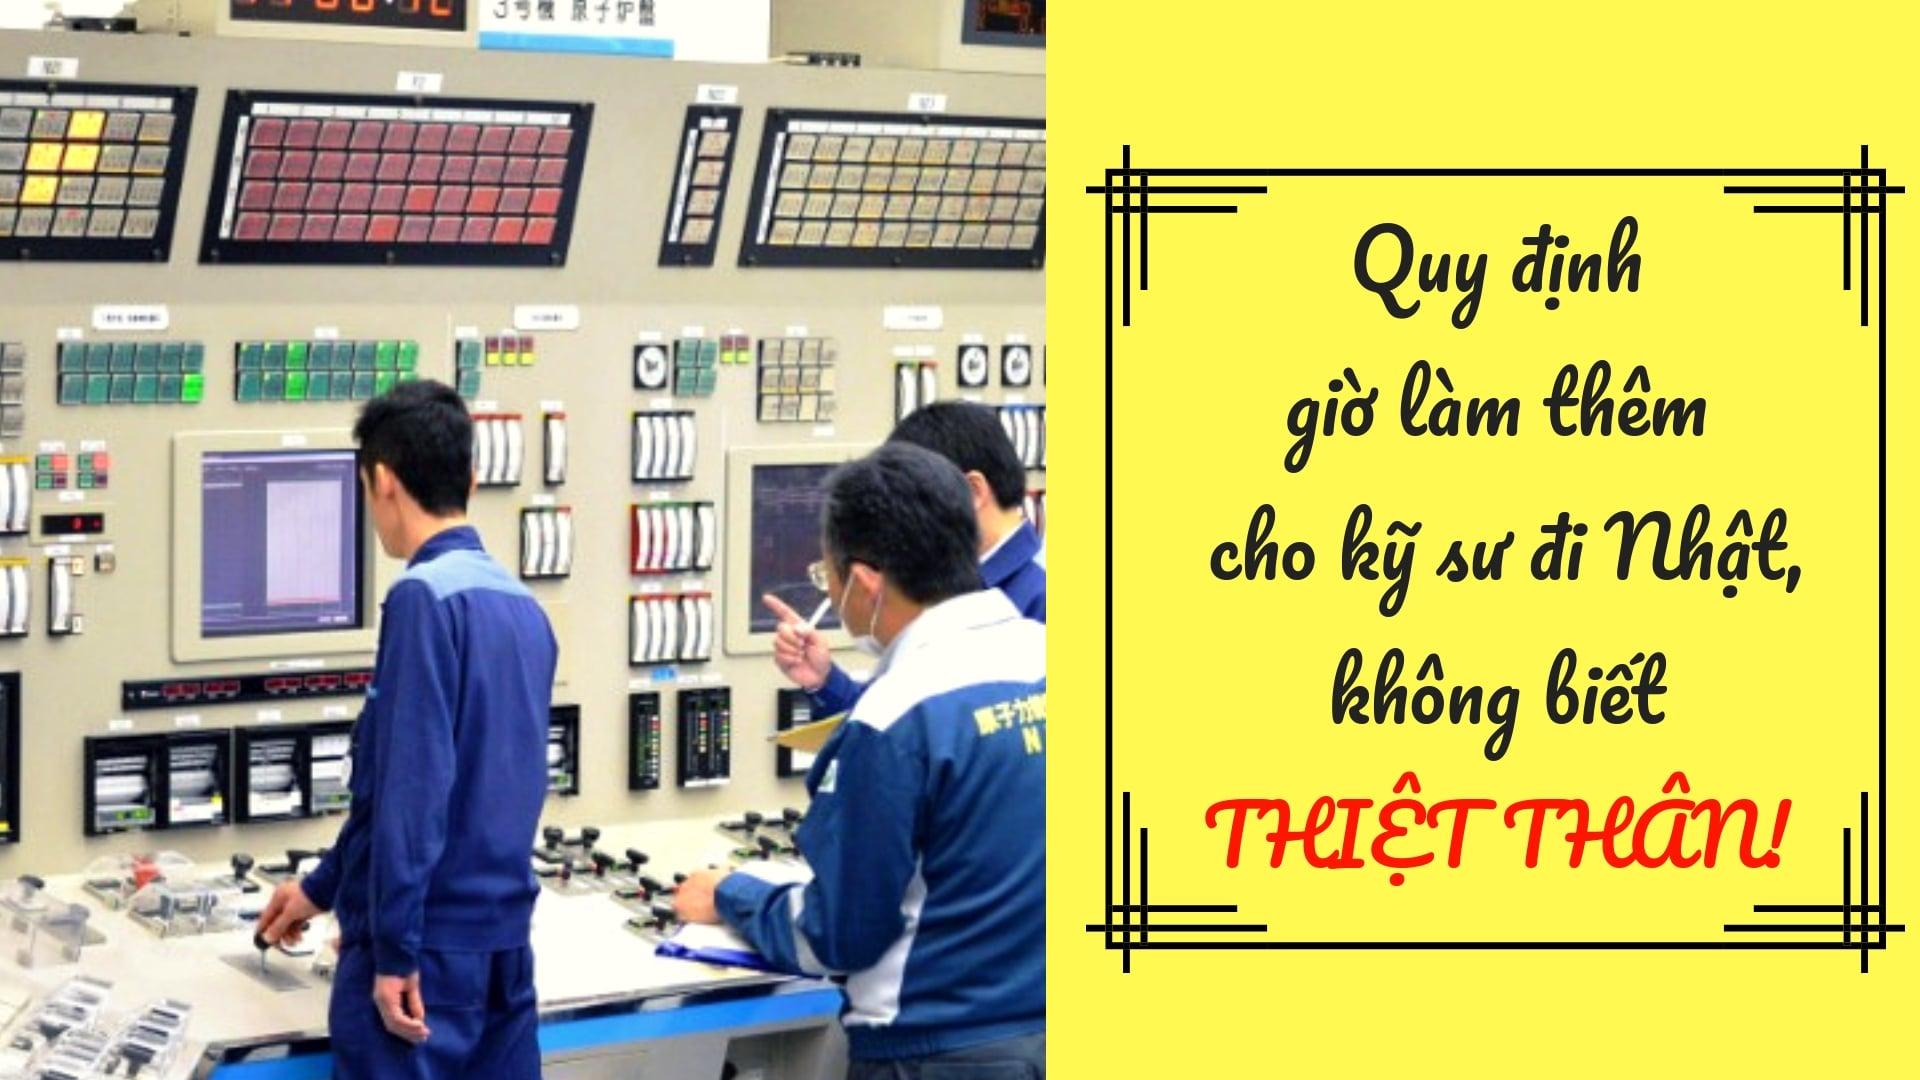 Quy định GIỜ LÀM THÊM cho kỹ sư đi Nhật - không biết THIỆT THÂN!